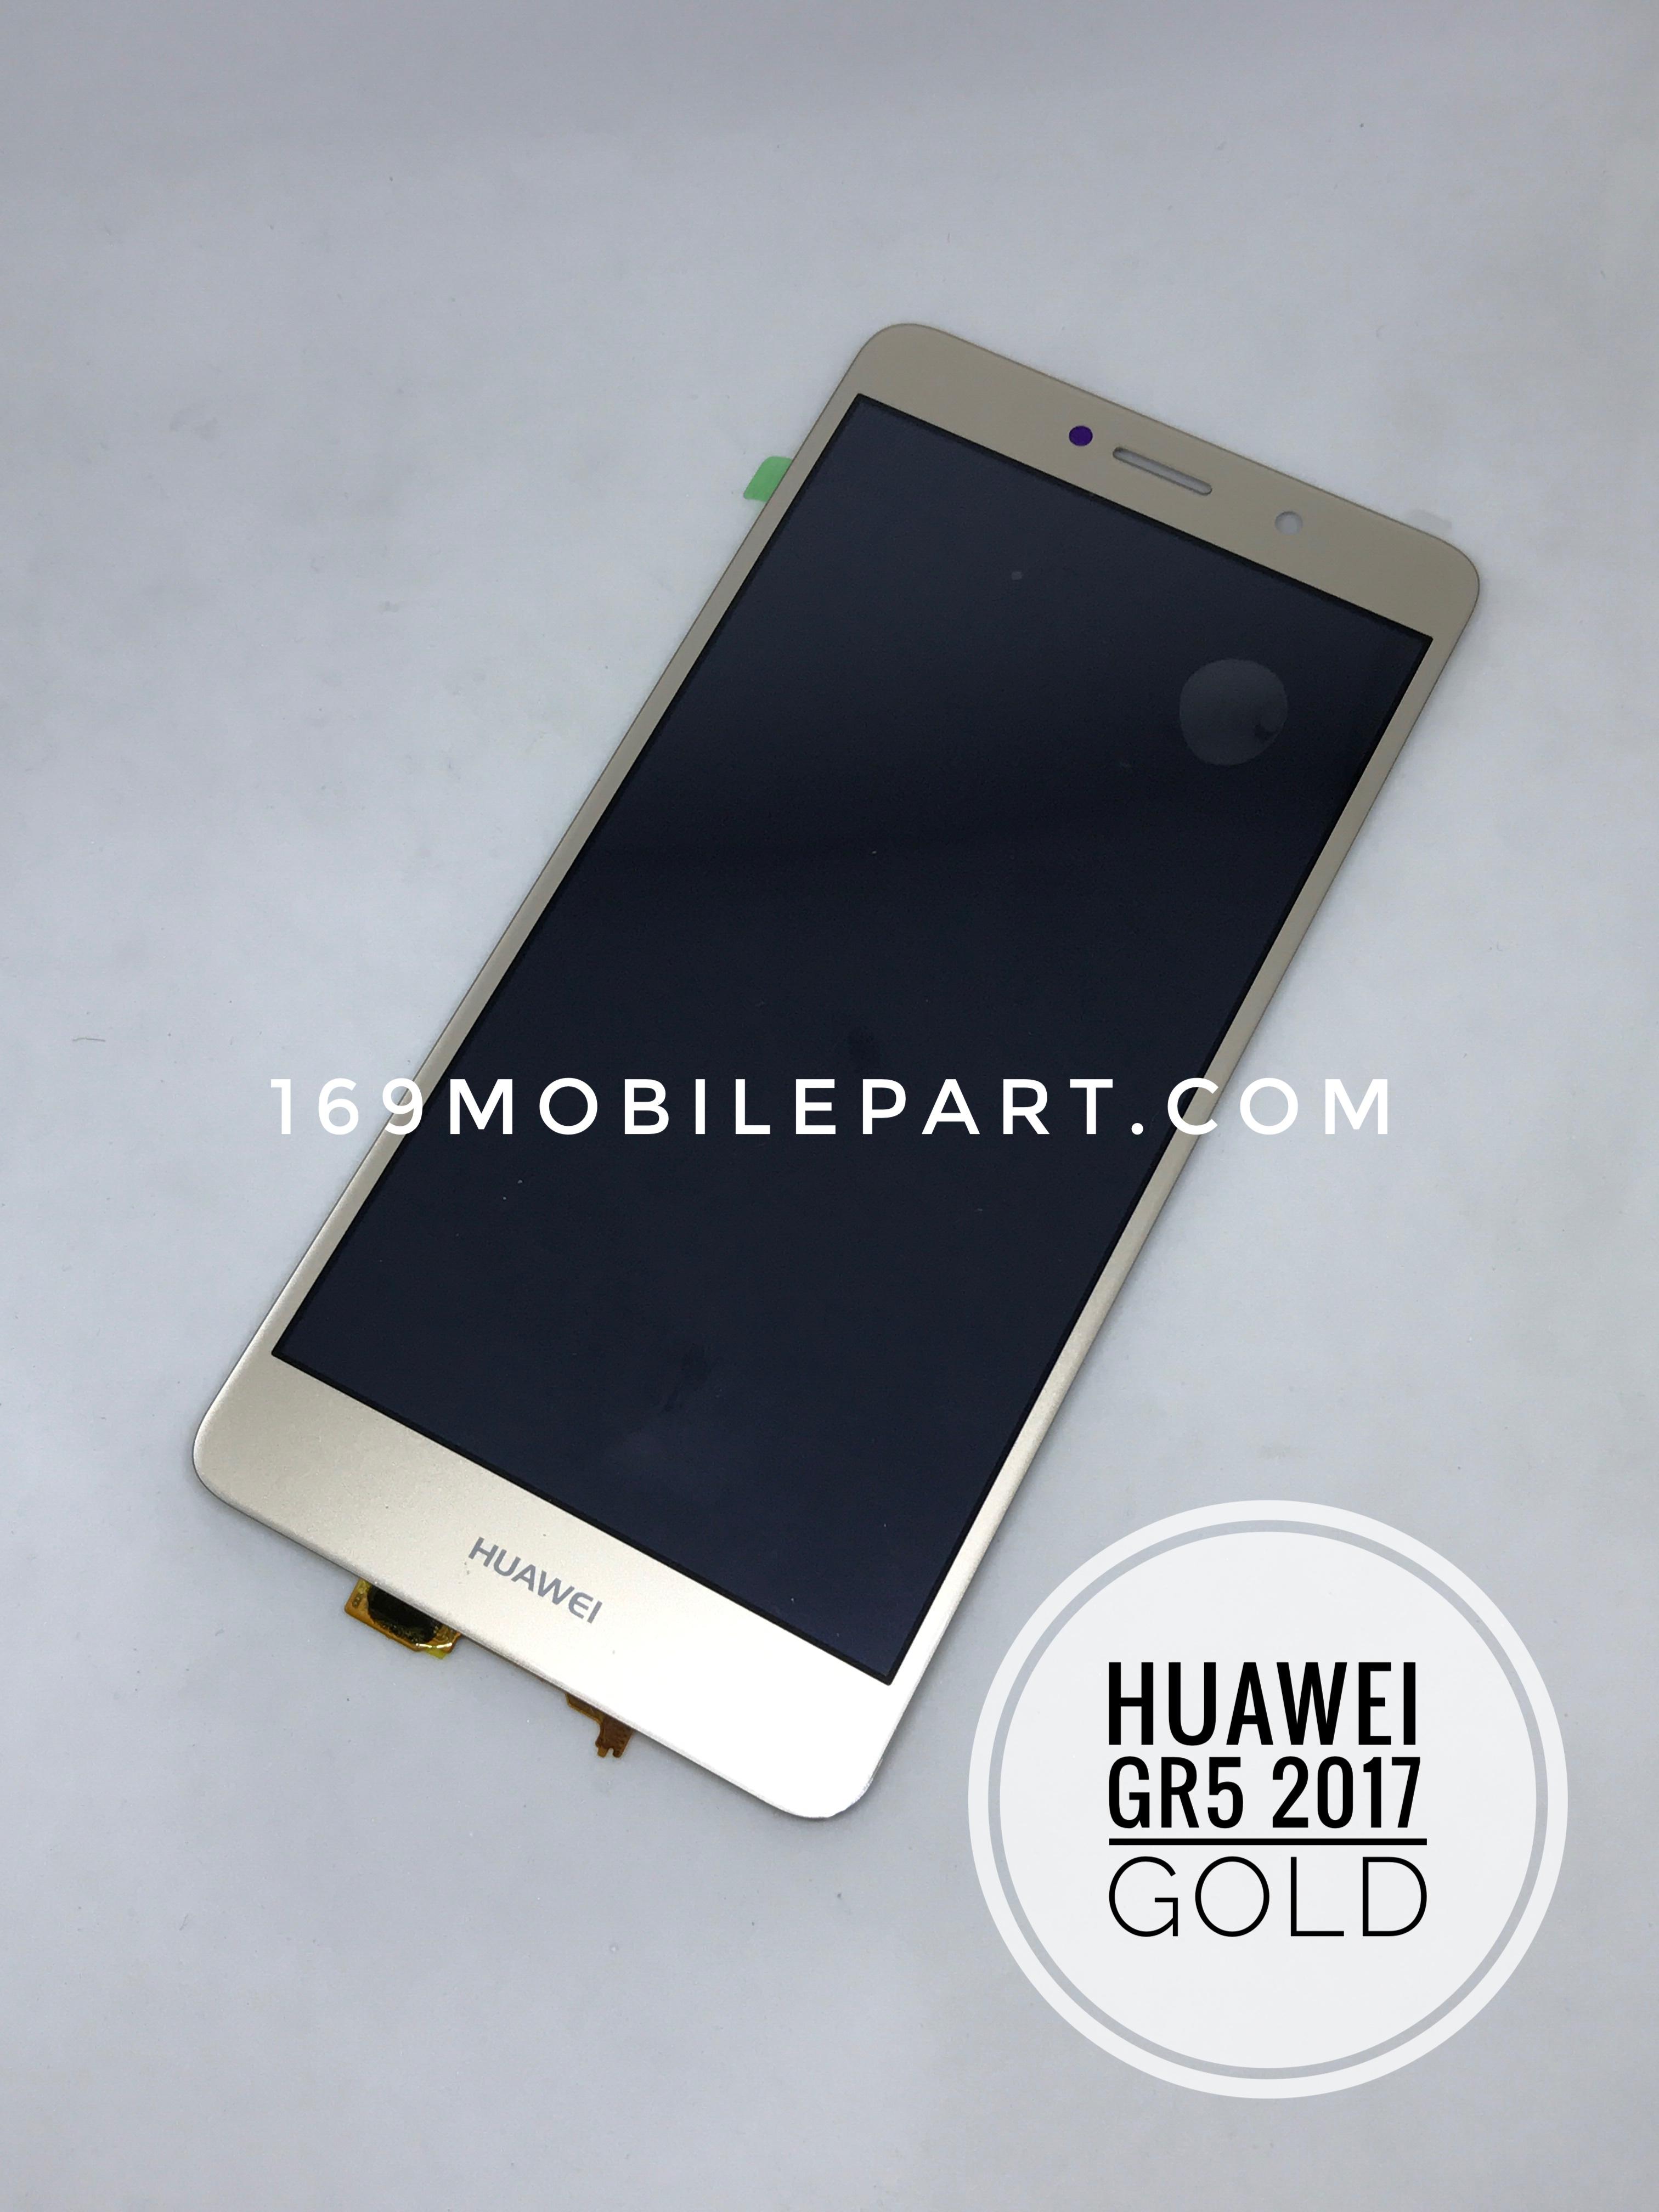 จอ + ทัชสกรีน Huawei GR5 2017 สีทอง 5.5 นิ้ว